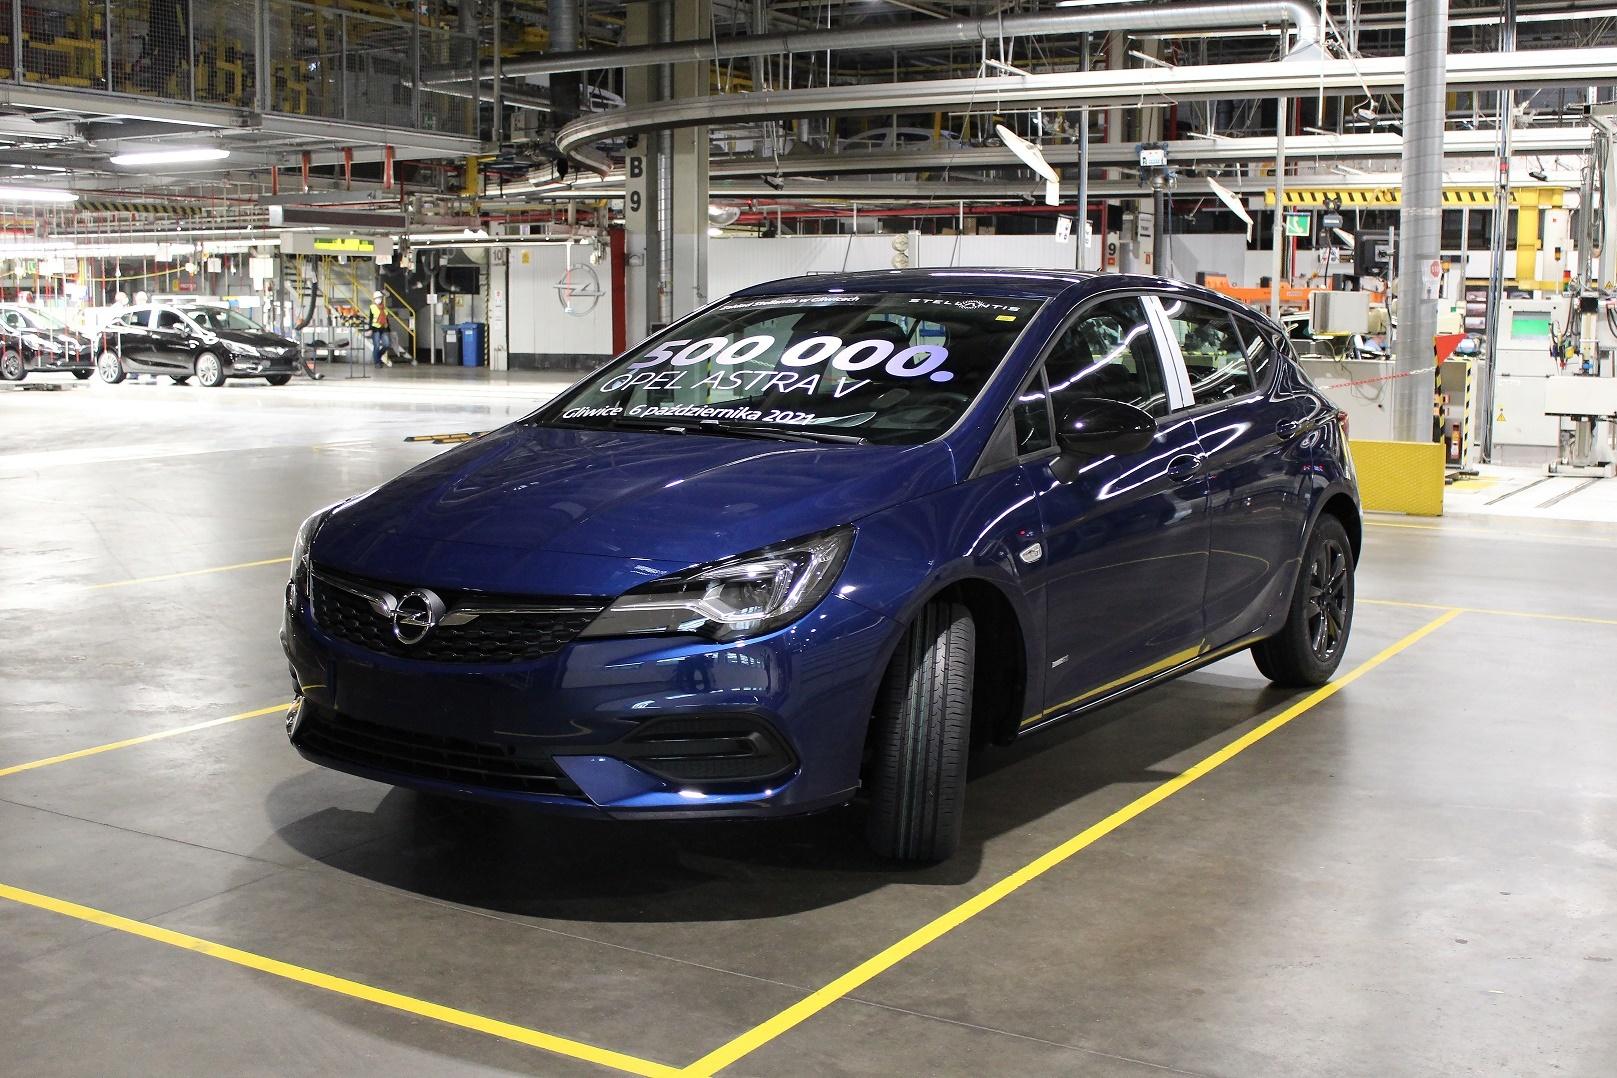 Fabrykę Opla w Gliwicach opuściło już 500 tysięcy sztuk modelu Astra